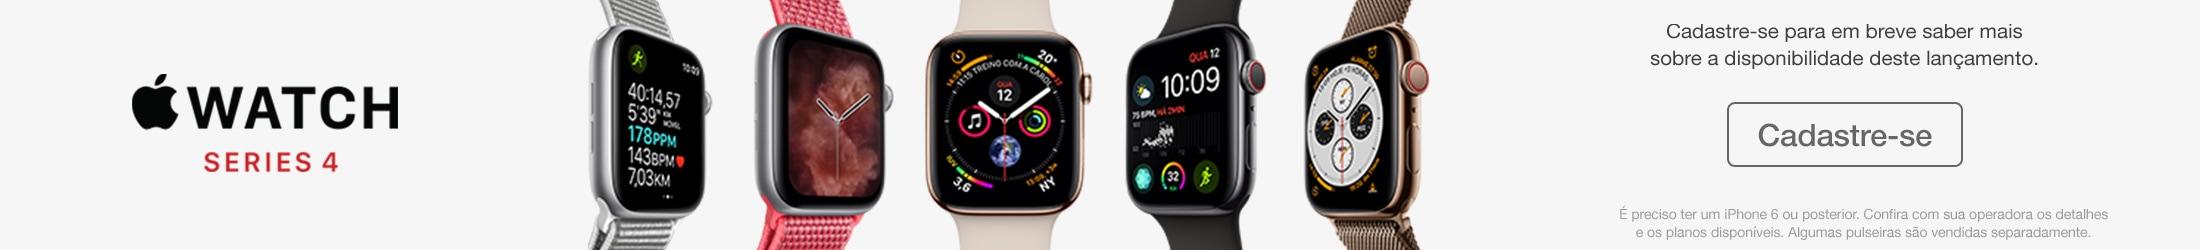 Toko-mempromosikan-kedatangan-Apple-Watch-Series-4-dan-iPhone-XS (1)